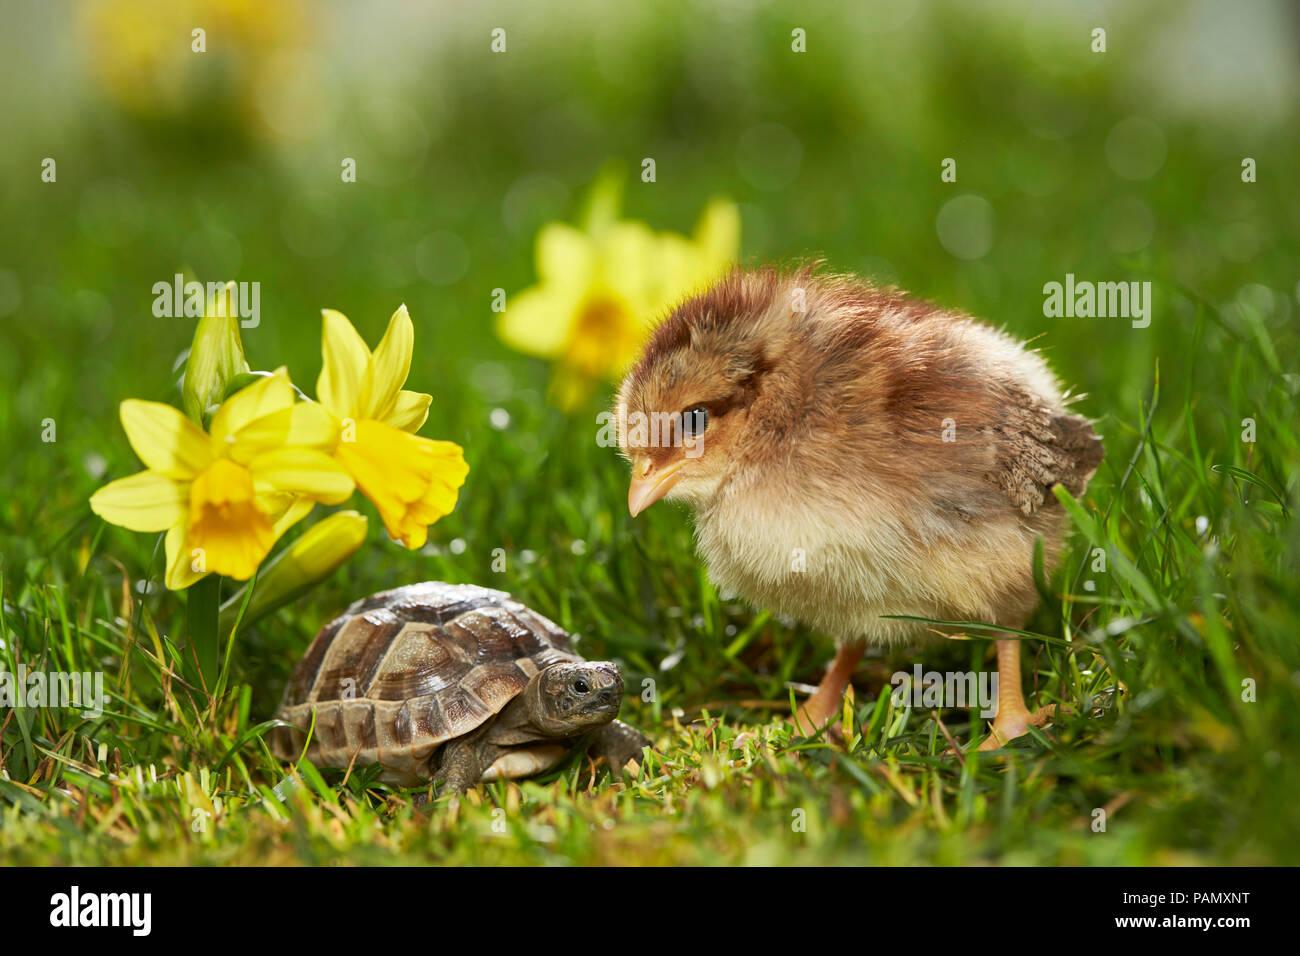 Welsummer pollo. El pollo y el joven Spur-thighed tortuga mediterránea, la tortuga griega (Testudo graeca) en la pradera de floración en primavera. Alemania Foto de stock